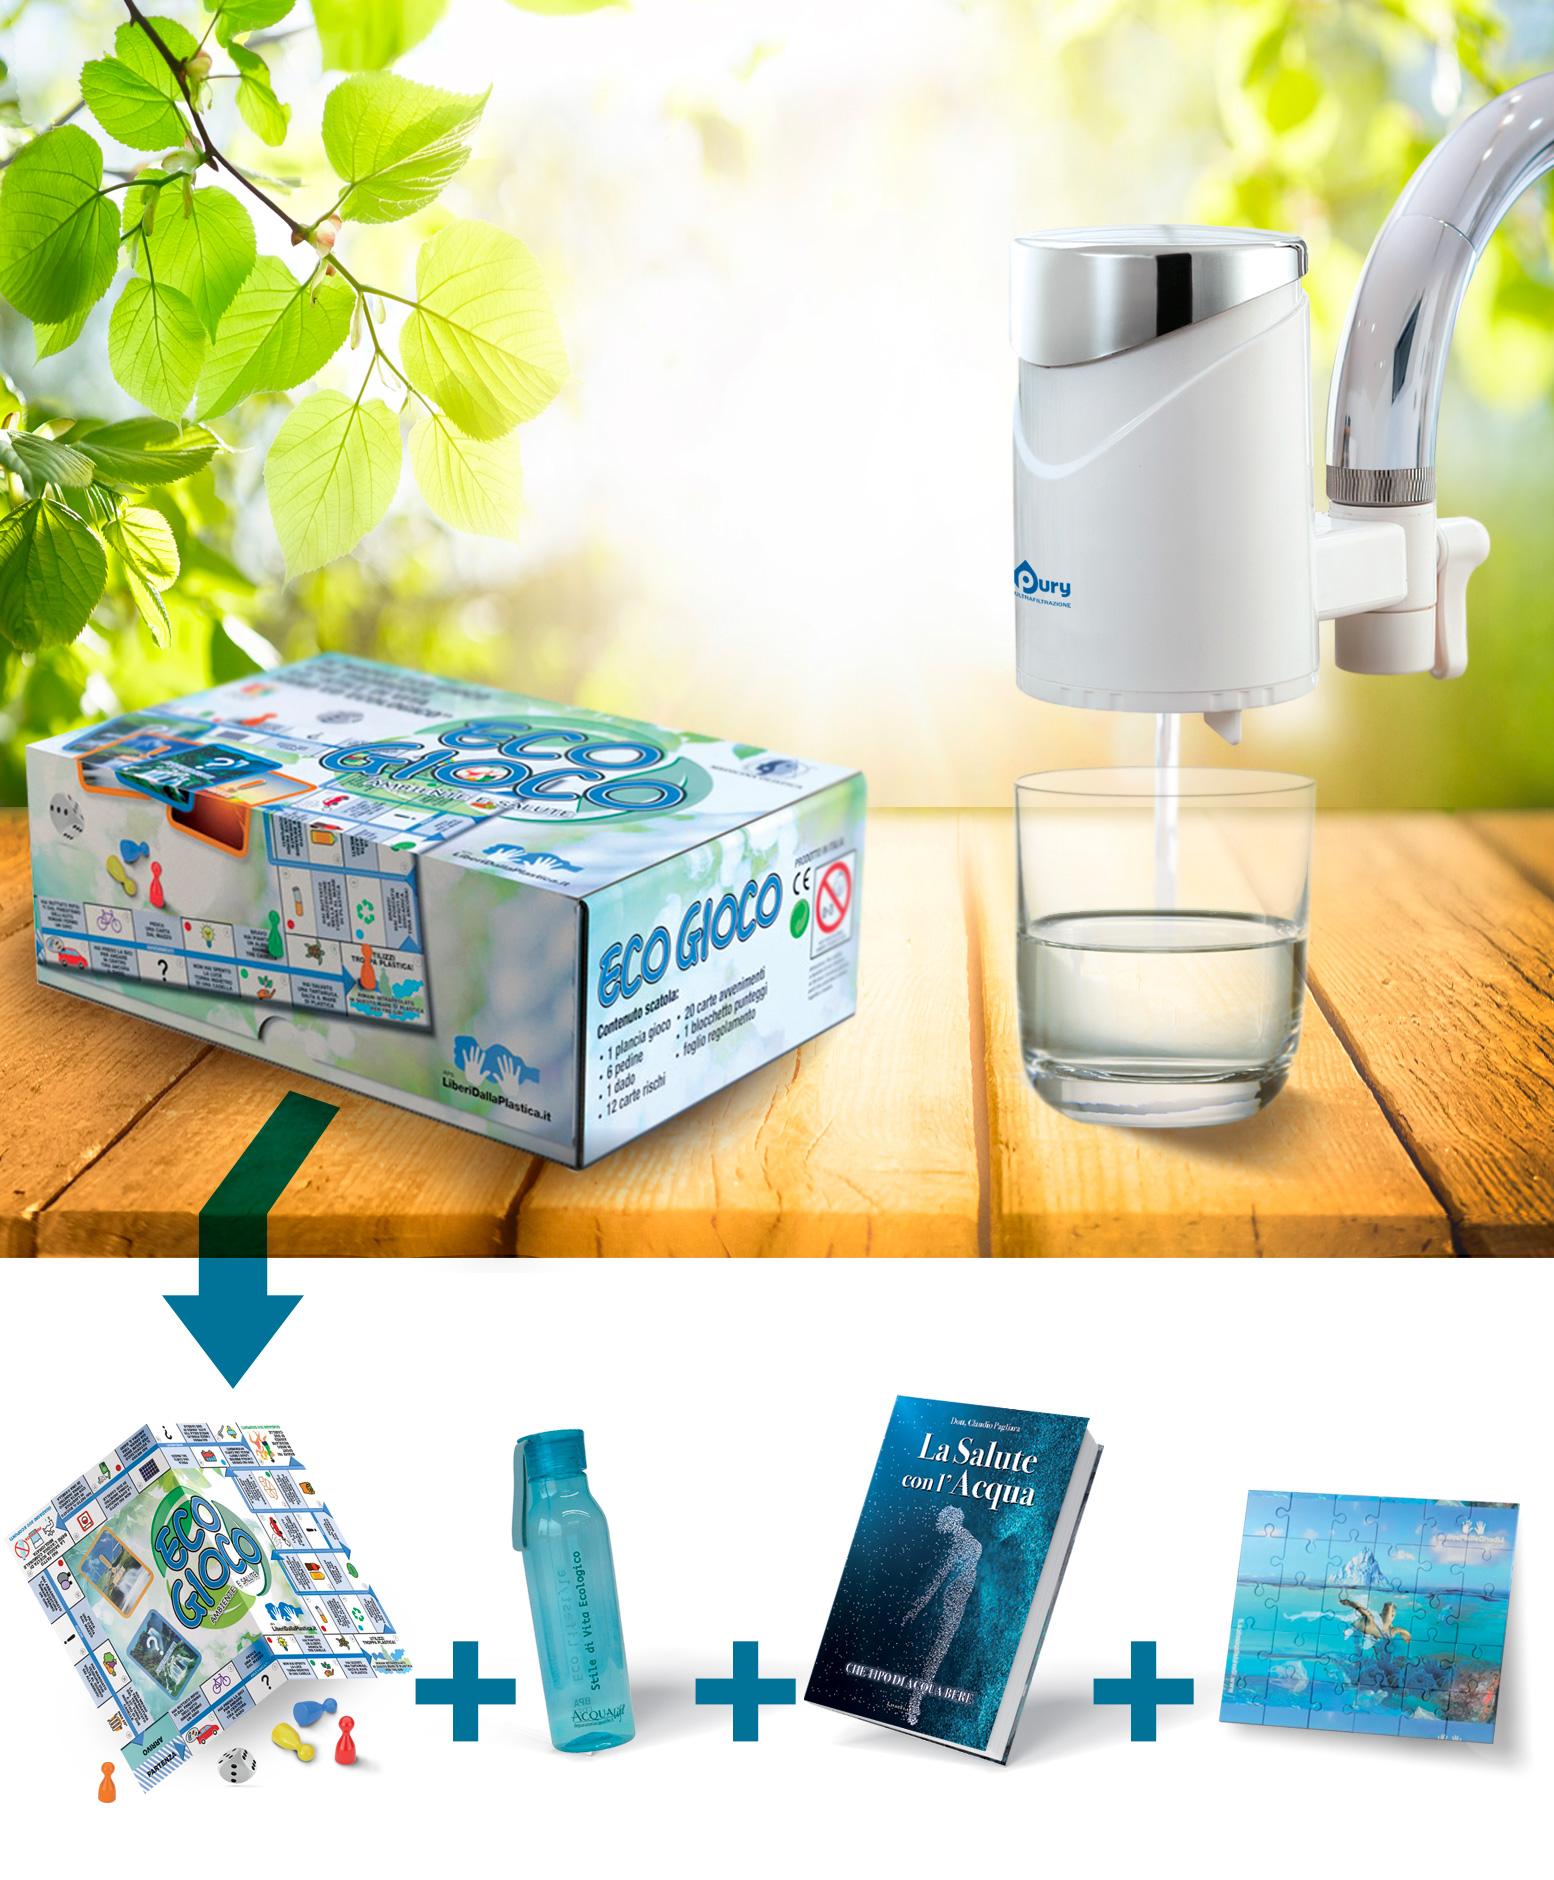 pury per acqua pura dal rubinetto di casa con omaggio il kit ecologico